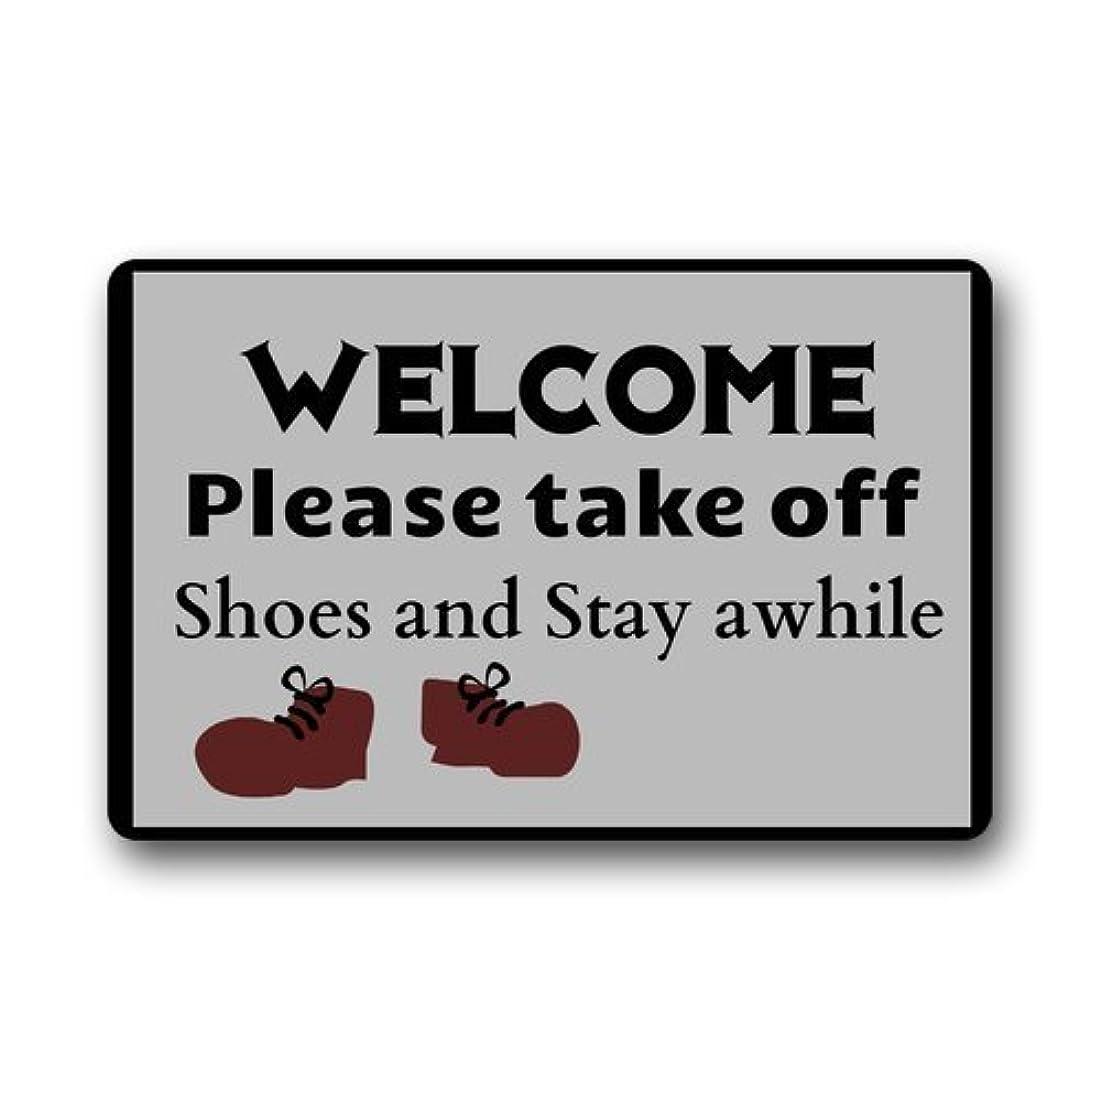 スローガンナイトスポットバイパスDoormat Custom Machine-Washable Door Mat Welcome Please Take Off The Shoes Indoor/Outdoor Decor Rug 23.6 x 15.8 inch